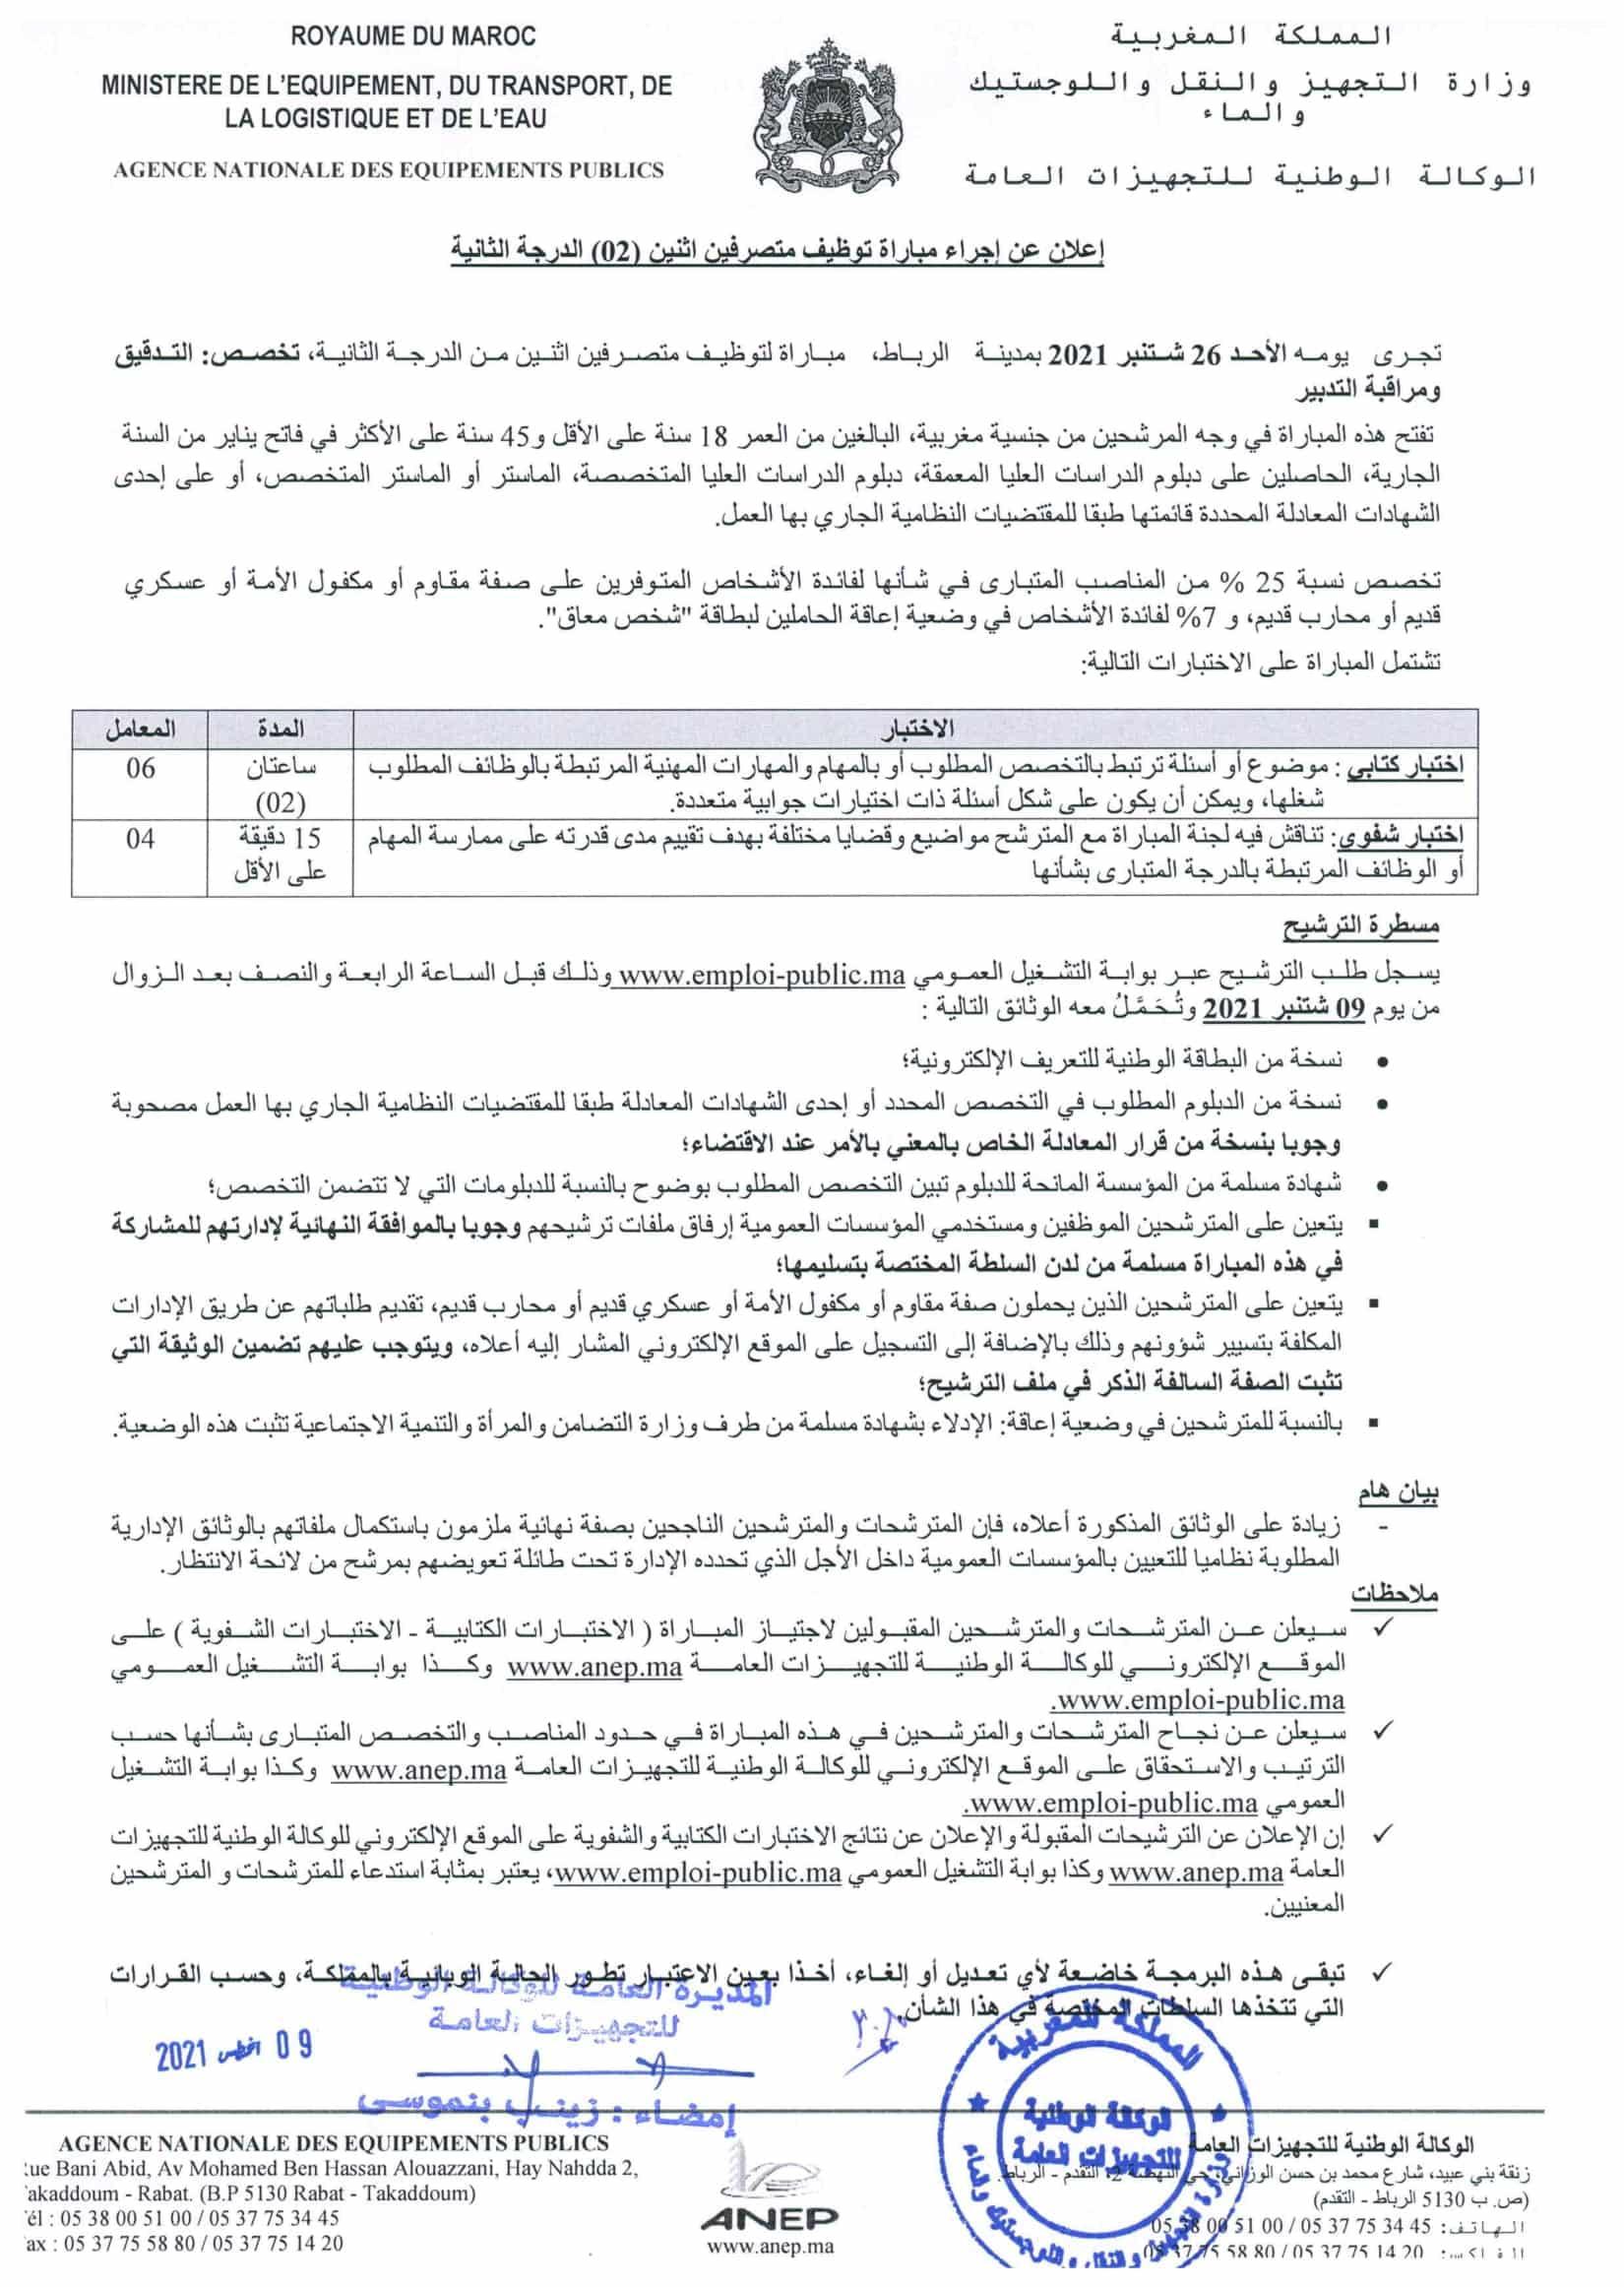 4Avis concours administrateurs 090821 1 1 Concours Agence Nationale des Equipements Publics ANEP 2021 (24 Postes)